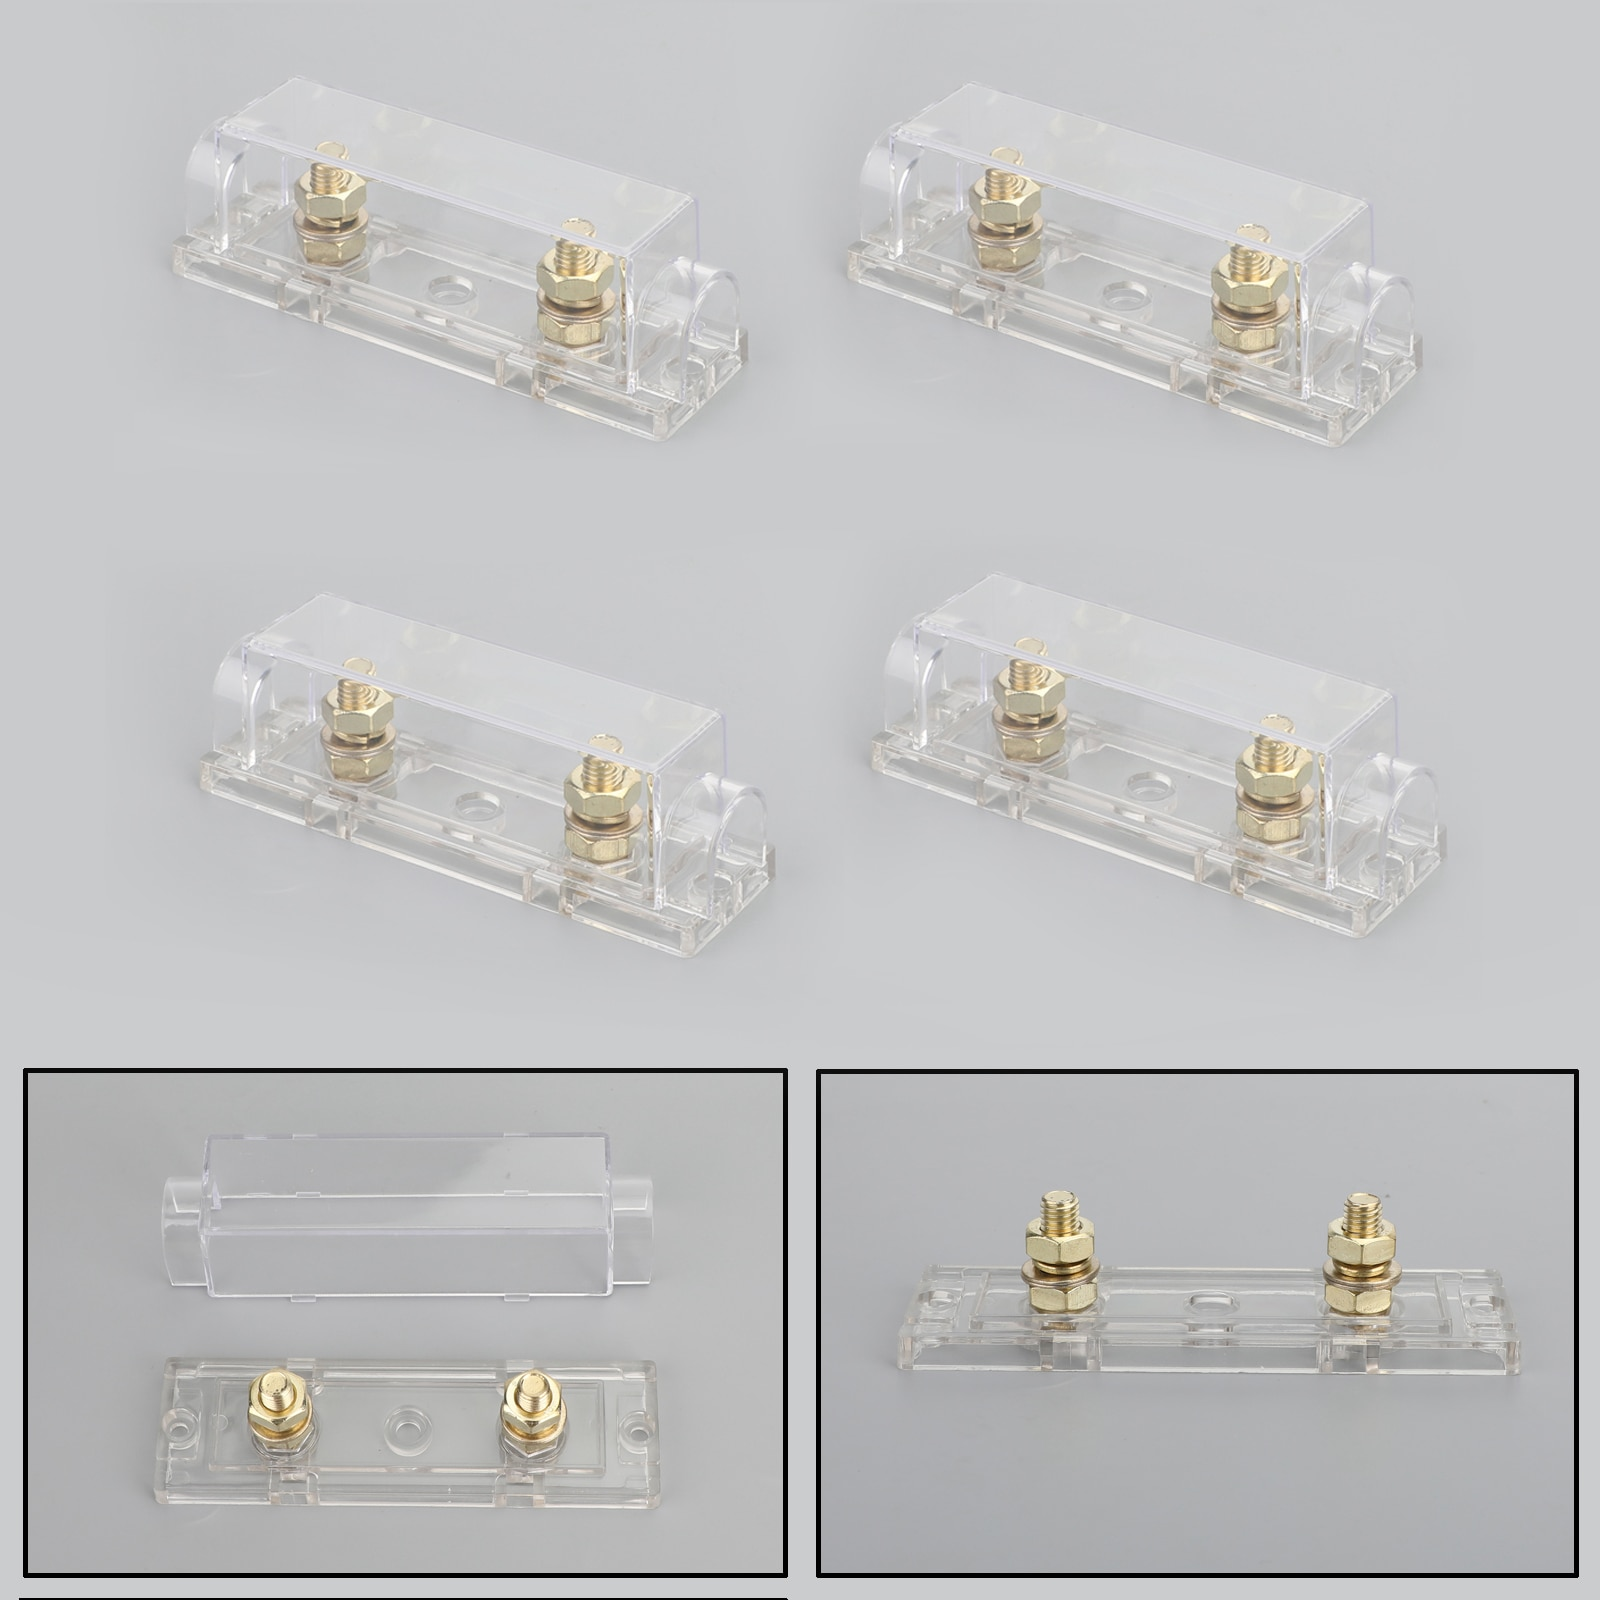 Caja portafusibles Areyourshop de 4 Uds ANL resistente a altas temperaturas y a la corrosión Tipo de horquilla para coche de 12V con Base protectora